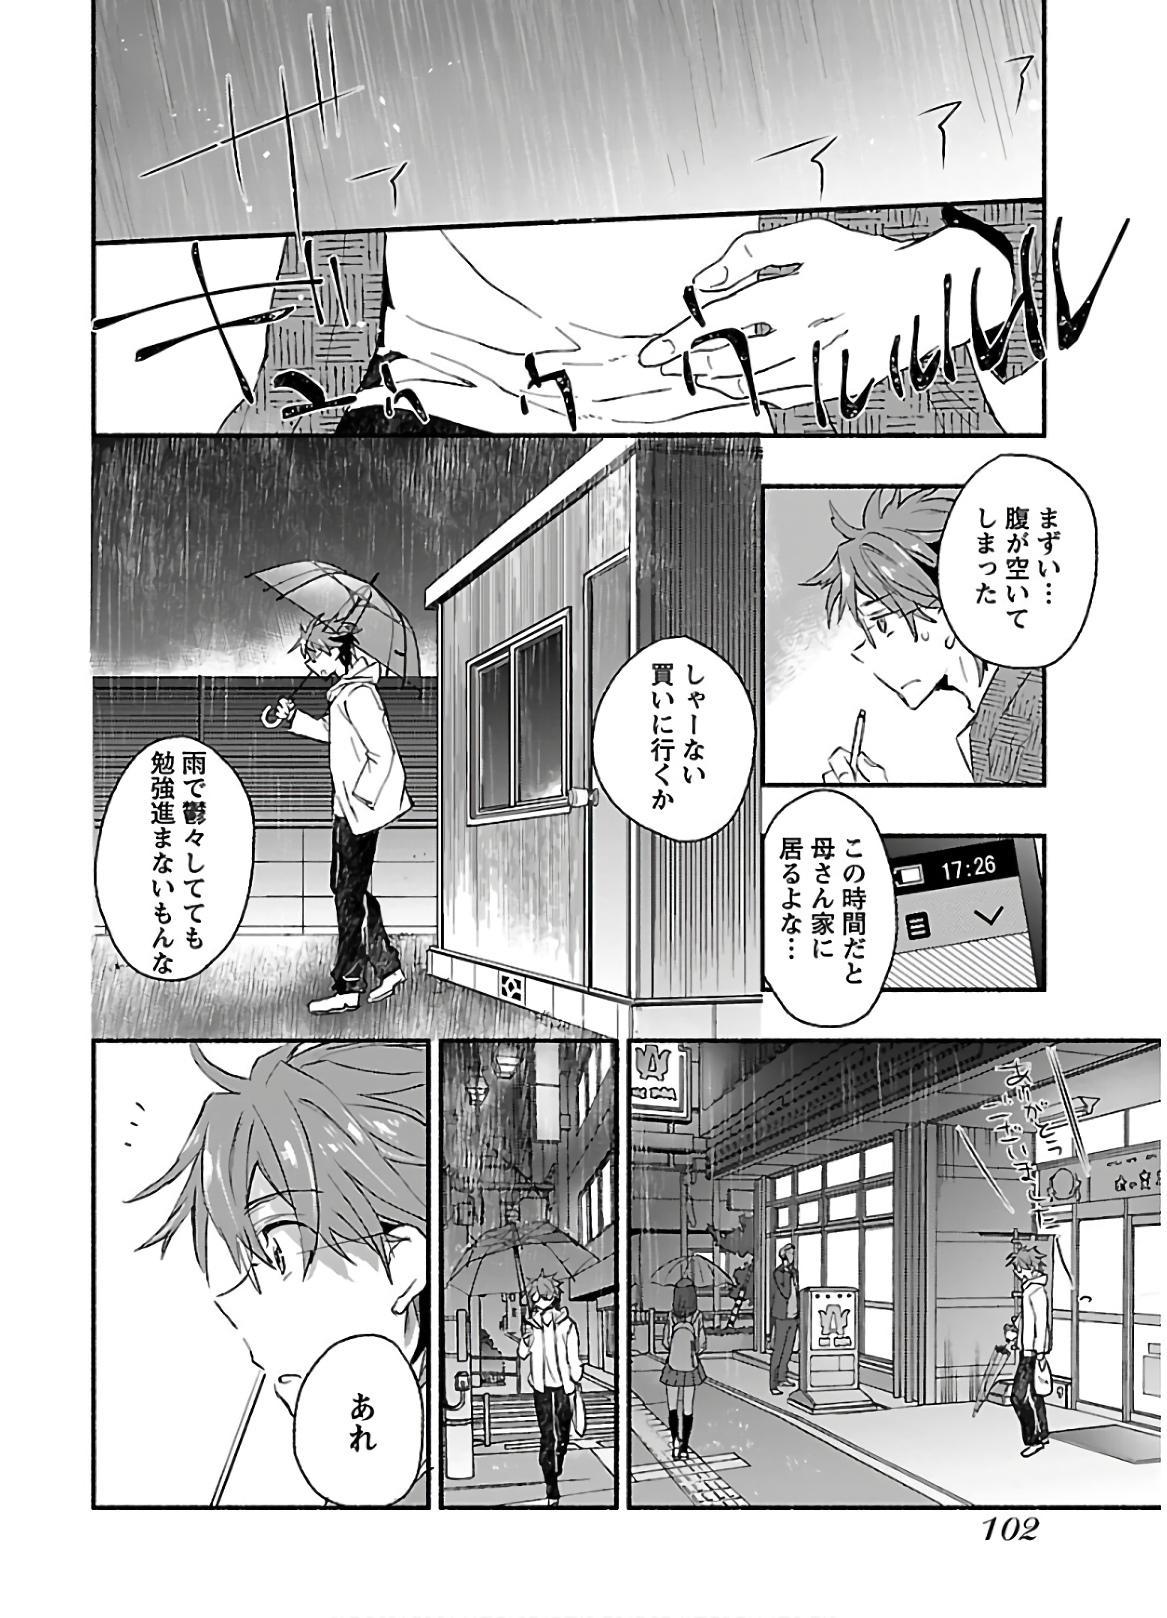 Yankii musume ni natsukarete kotoshi mo juken ni shippai shisou desu  vol.1 103